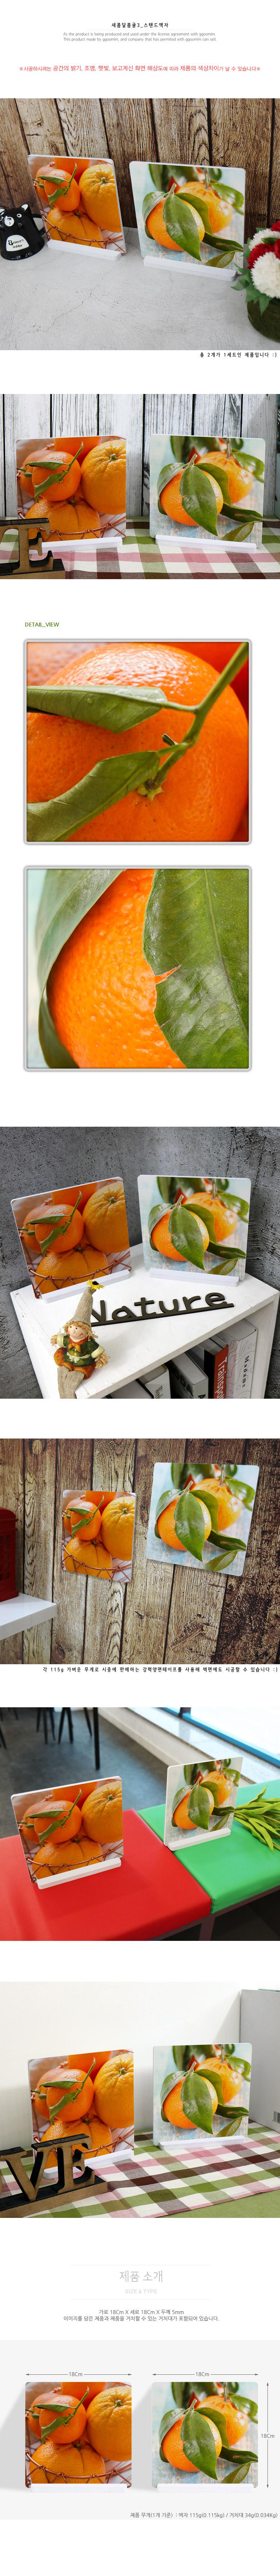 스탠드액자2P_새콤달콤귤3 - 꾸밈, 16,000원, 홈갤러리, 사진아트